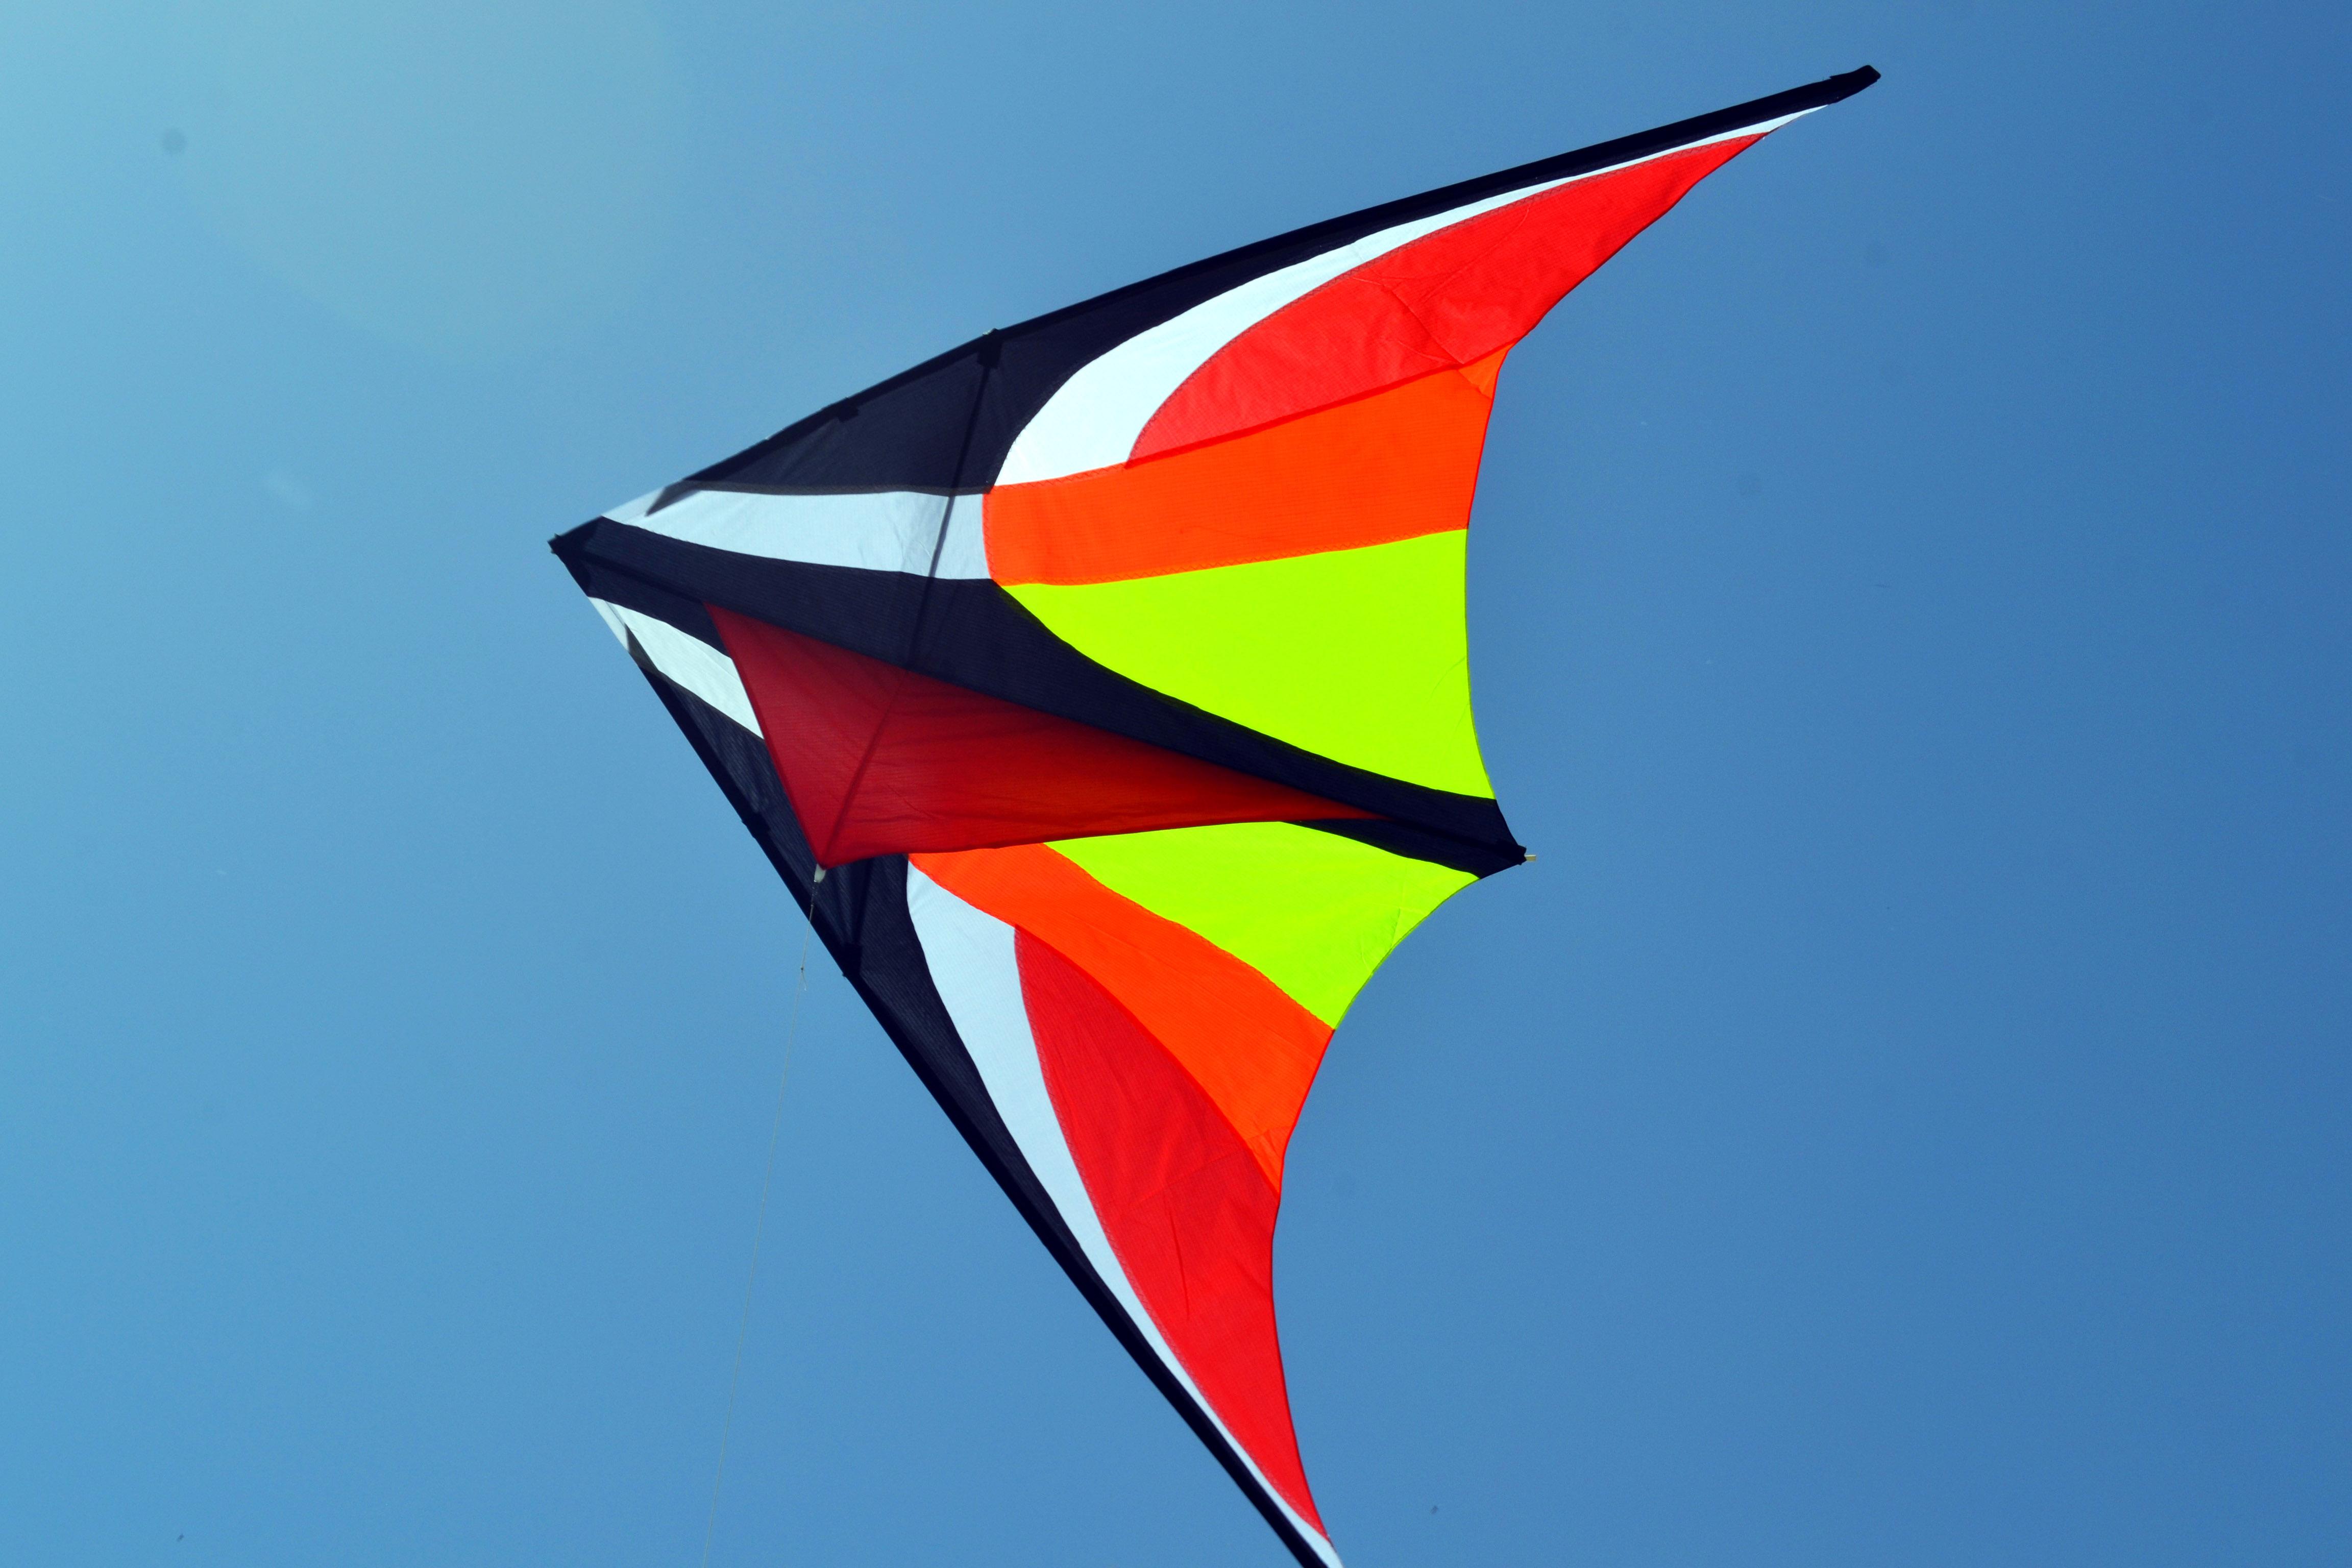 Красный Вьюн, воздушный змей от ФКайт